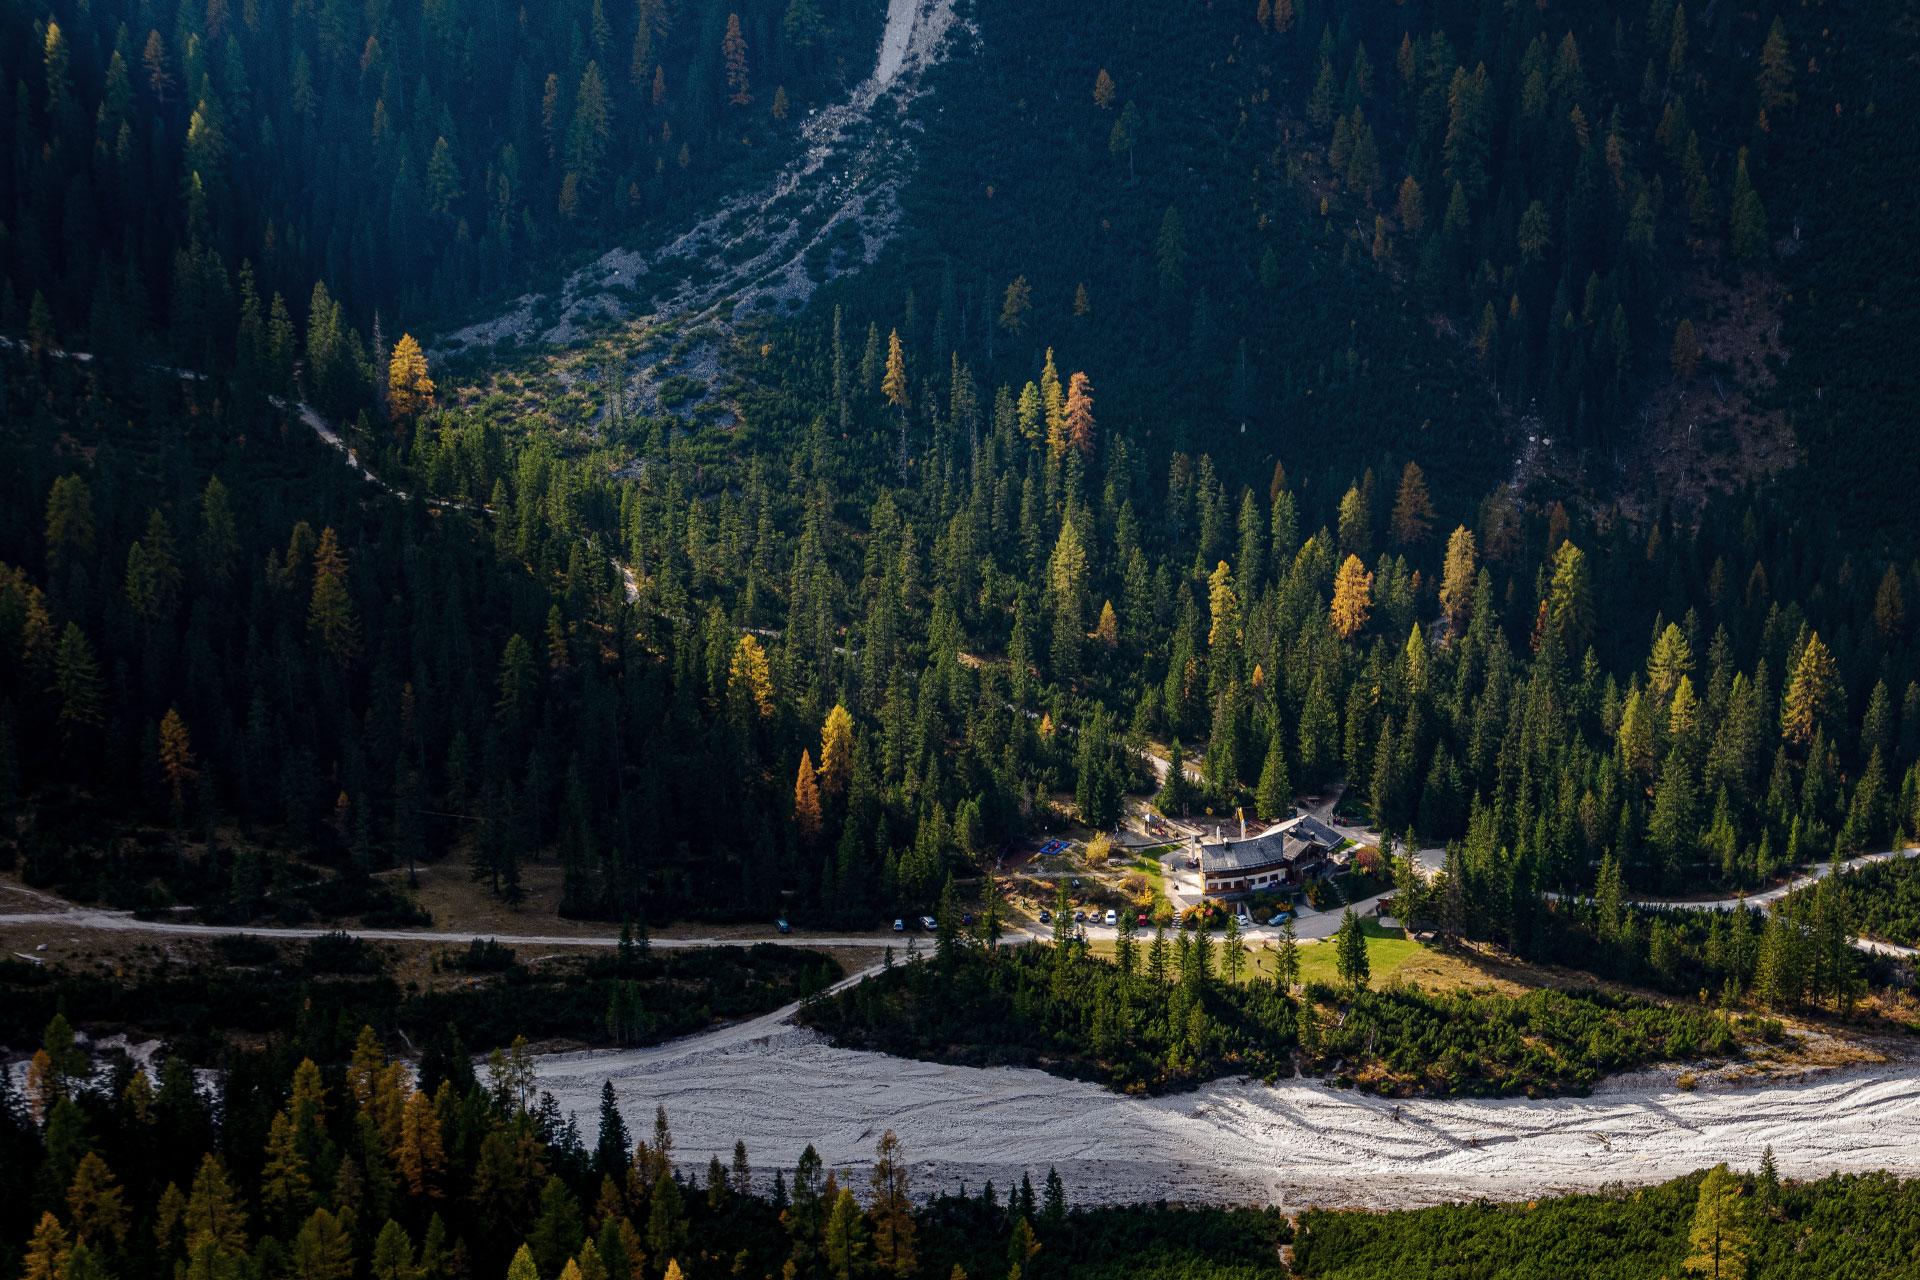 Am Fischleinbach ruht die Talschlusshütte und markiert gleichzeitig den Endpunkt des Tals. Wer hier weiter will muss in die Berge.